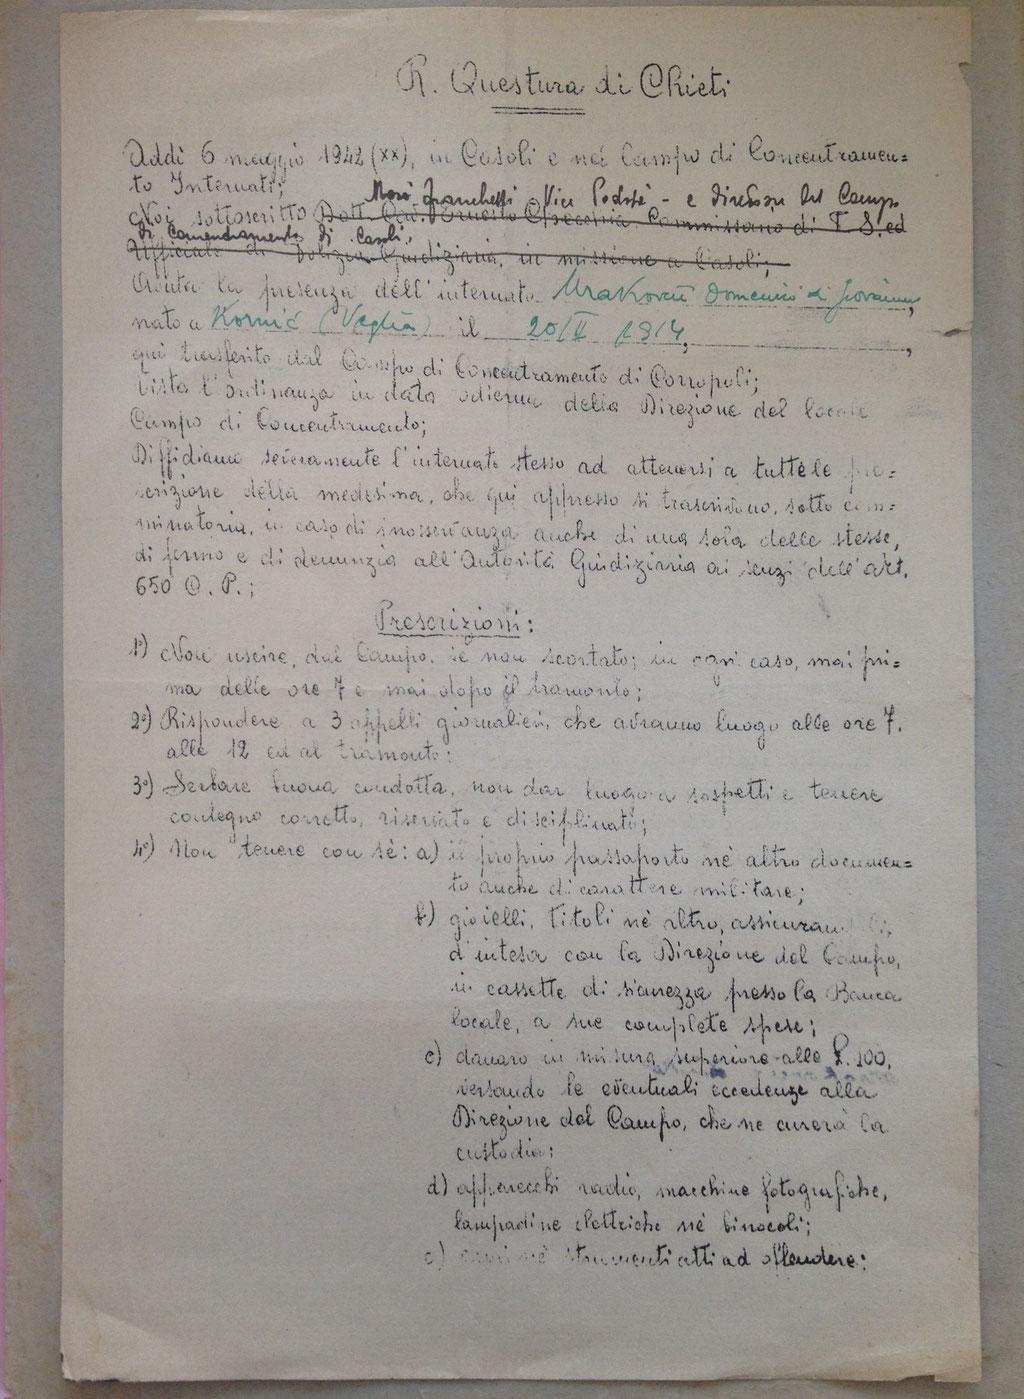 Prescrizione delle regole del Campo di Concentramento di Casoli, foglio 1